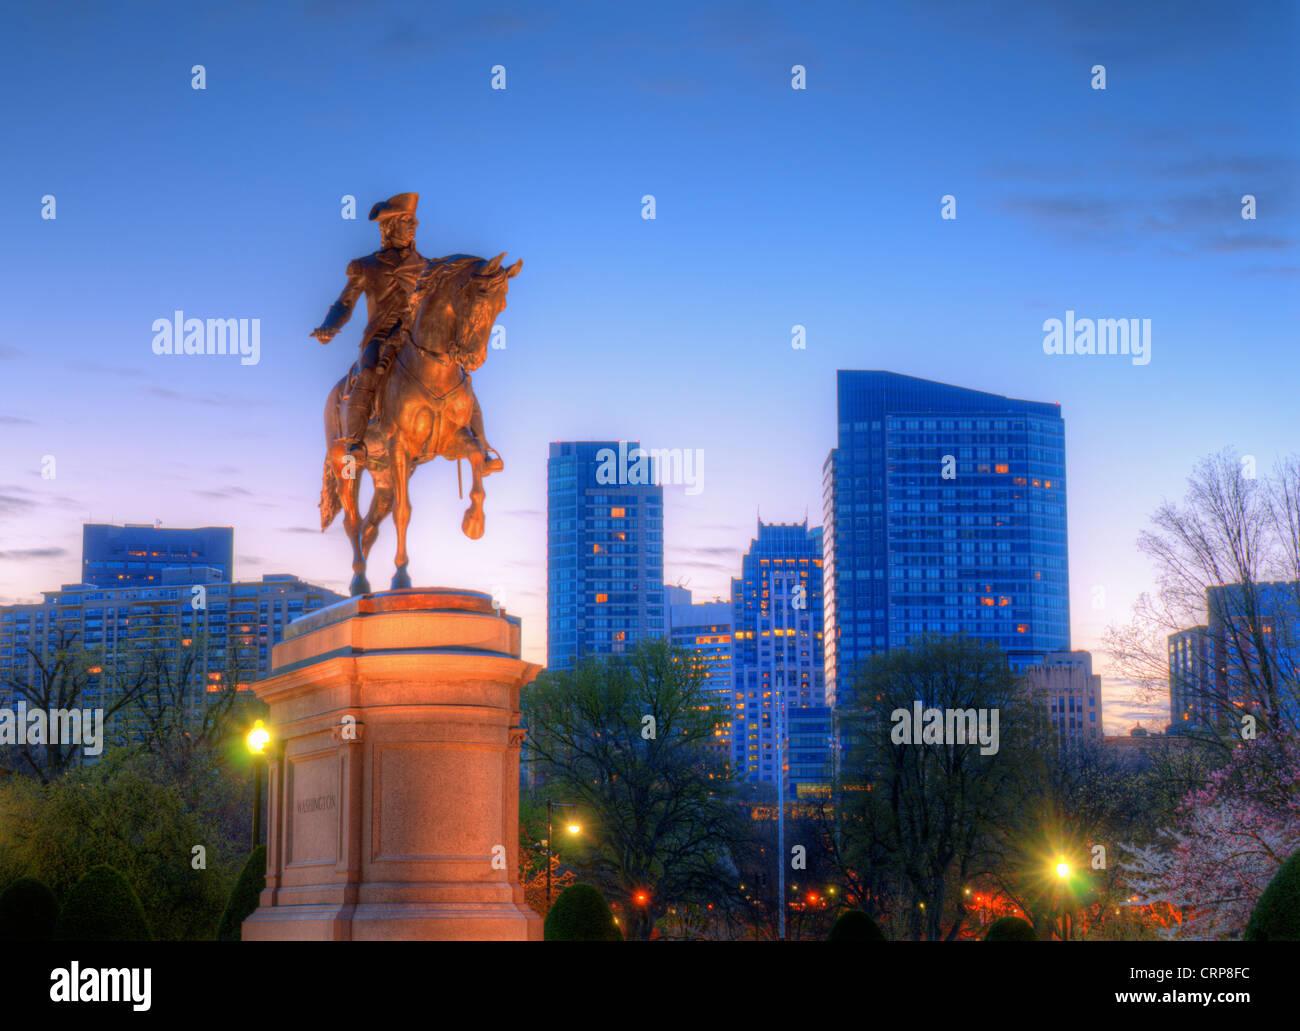 George Washington Statua equestre al giardino pubblico di Boston, Massachusetts. Immagini Stock